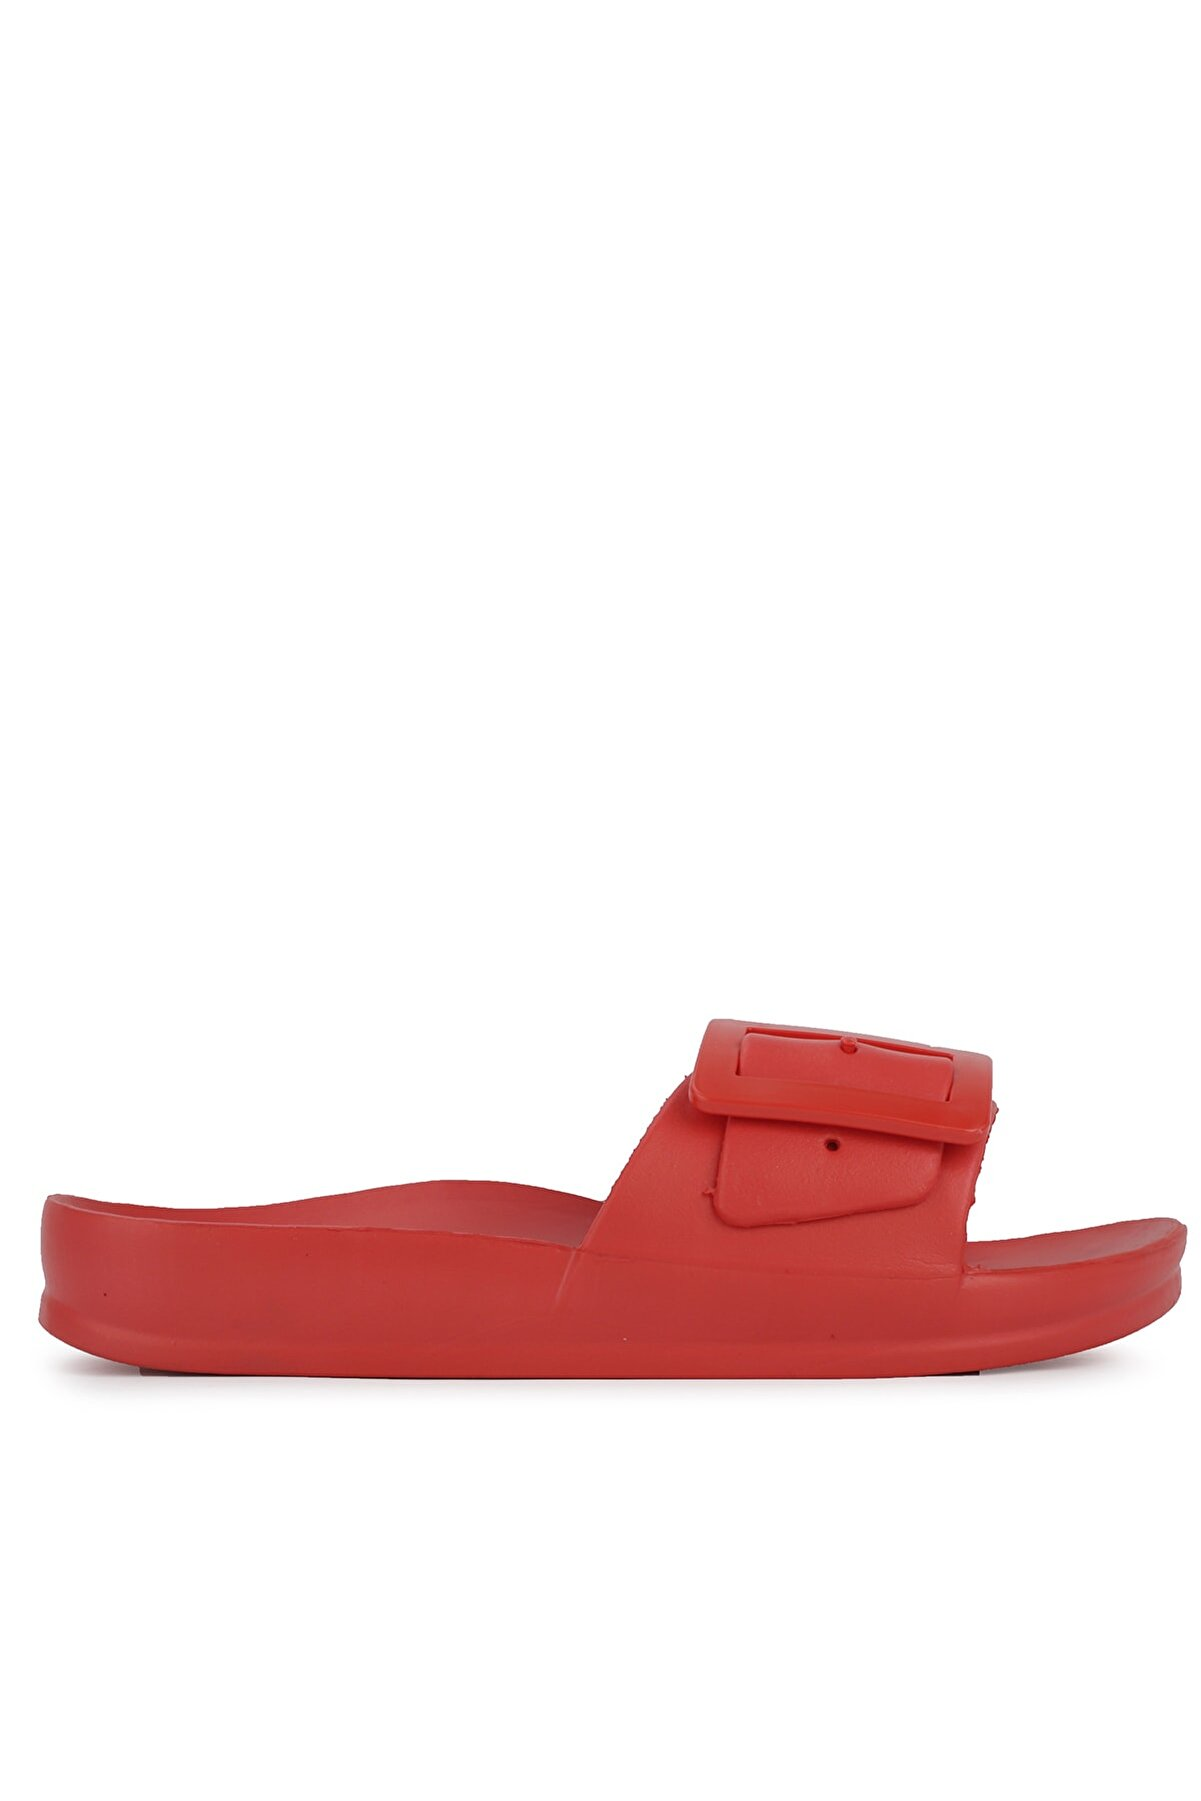 Slazenger Oba Kadın Terlik Kırmızı